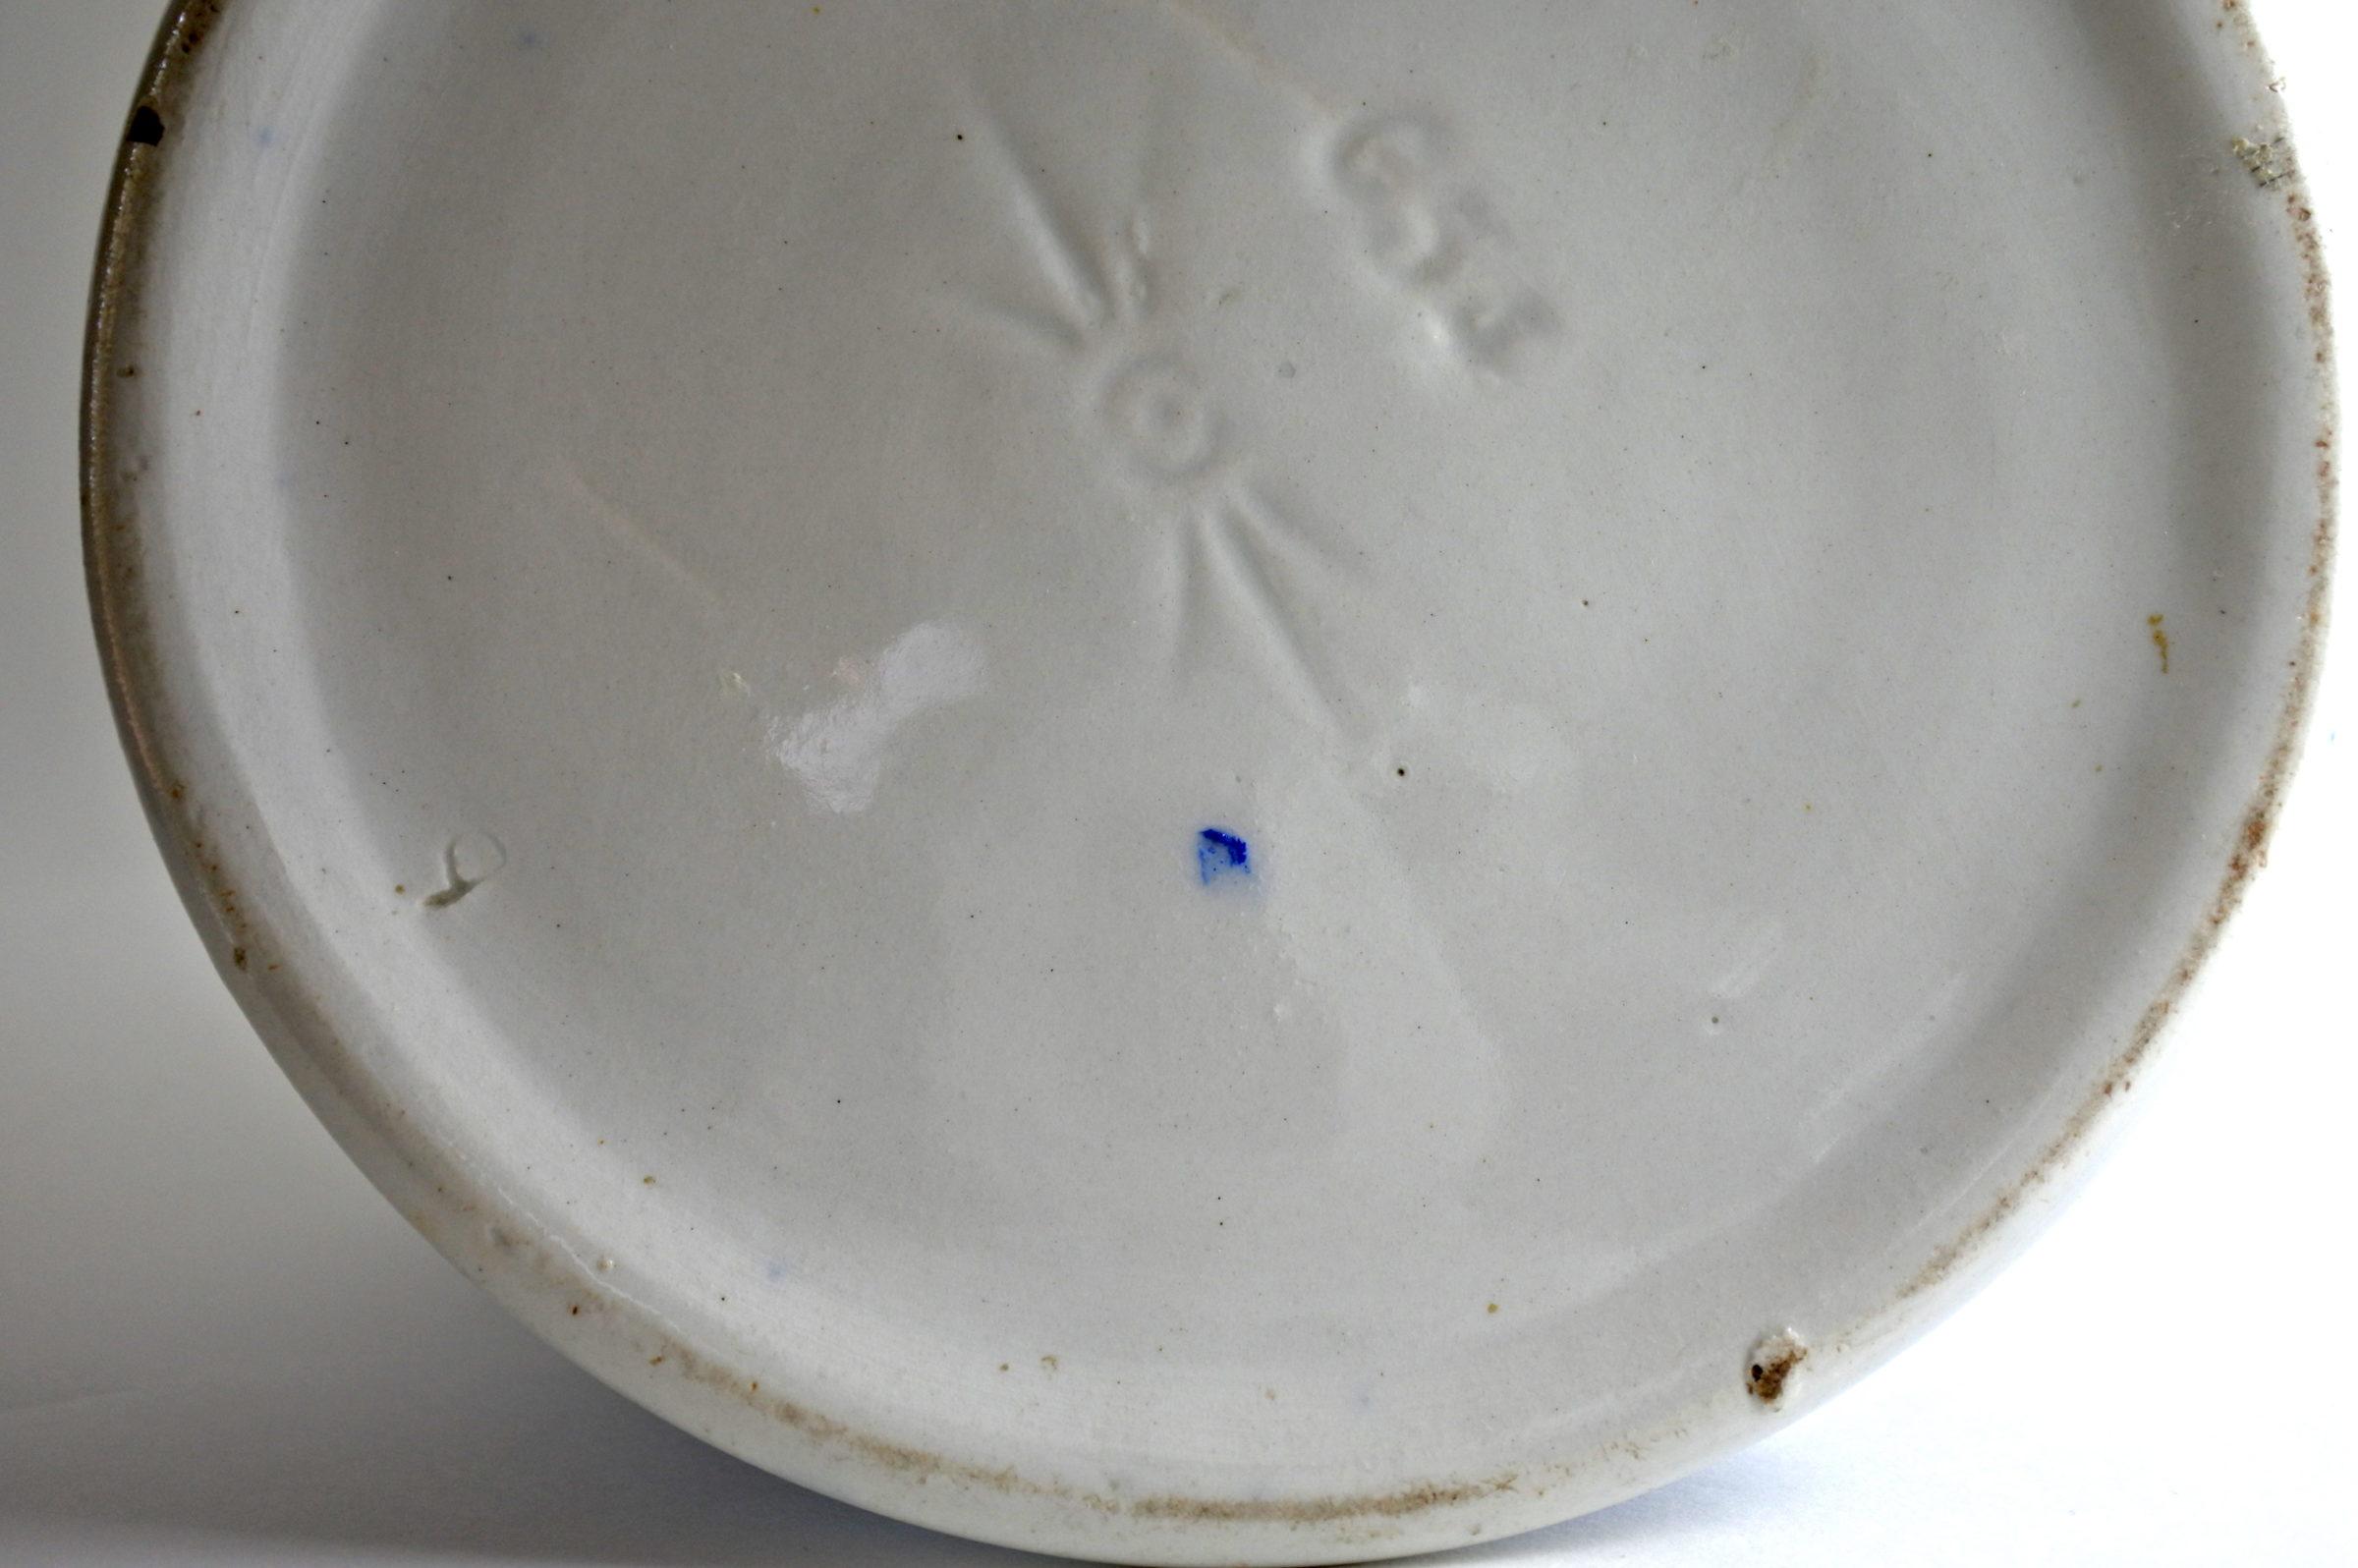 Brocca in ceramica barbotine con cardi monocromatici - Chardons - 5